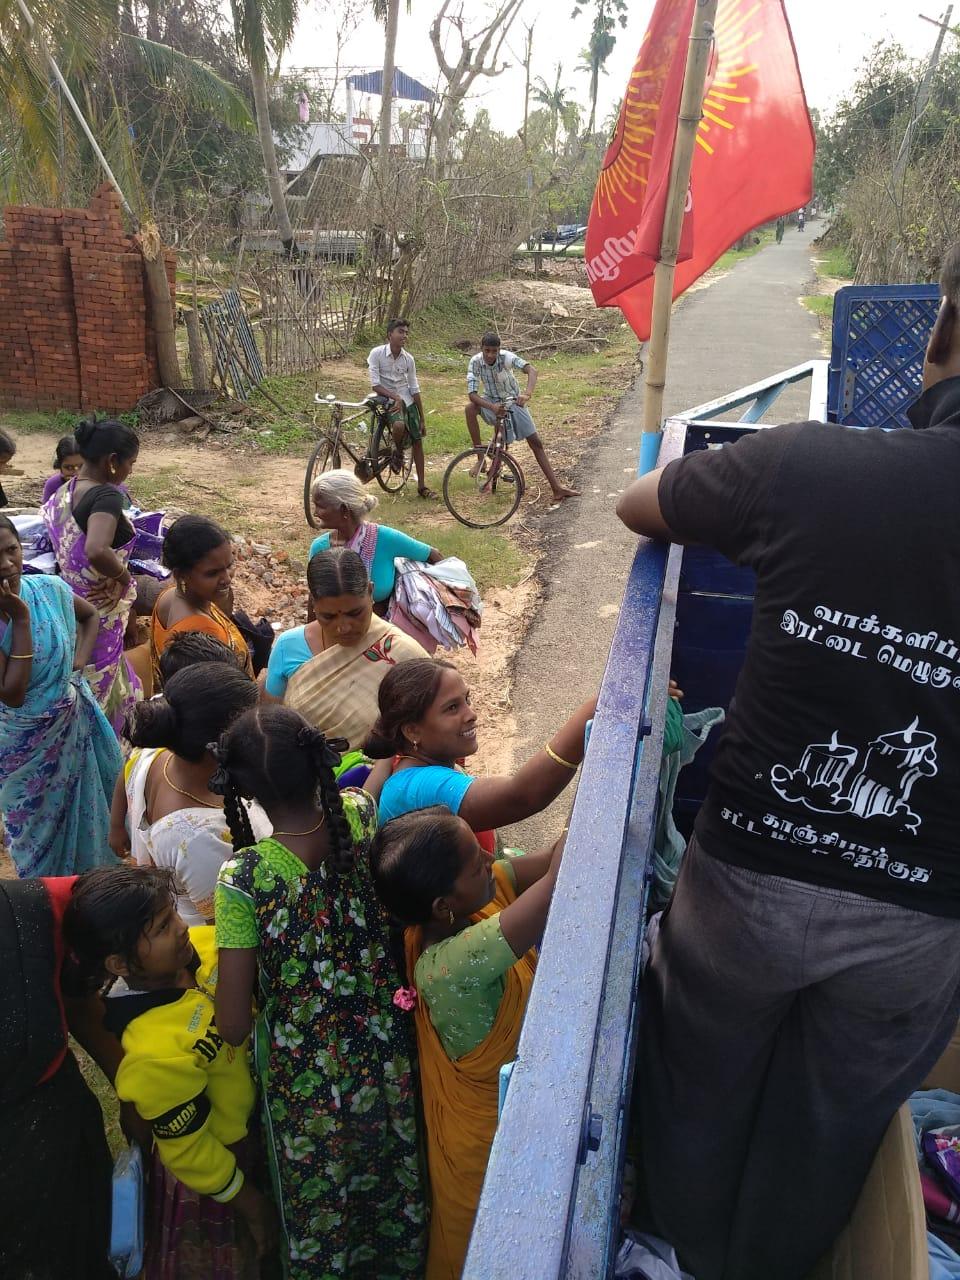 கஜா புயல் நிவாரண பணி-நாம் தமிழர் கட்சி